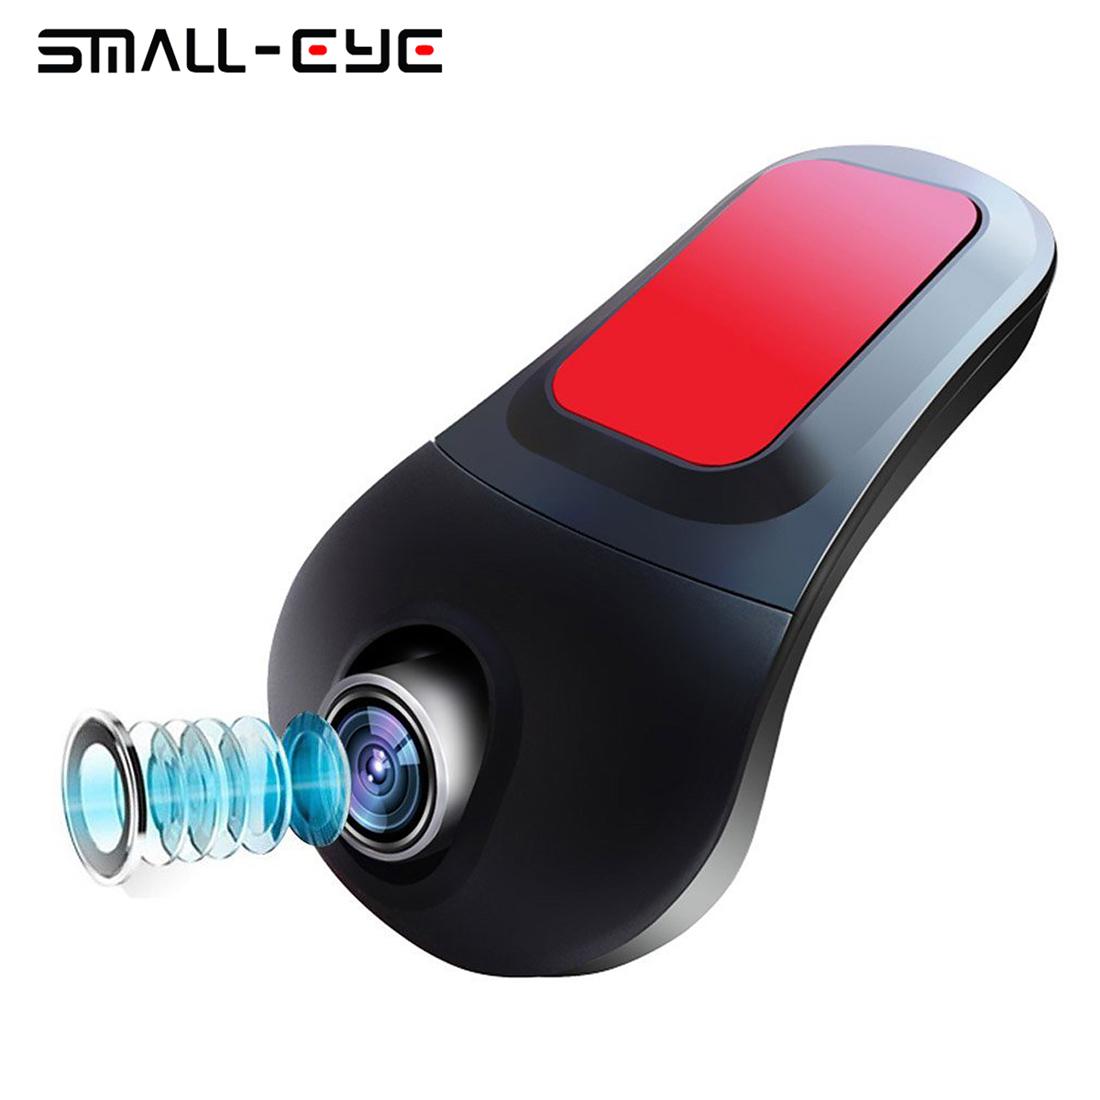 Prix pour SMALL-EYE Voiture DVR Registrator Dash Caméra Cam Enregistreur Vidéo Numérique Caméscope 1080 P Nuit Vision Novatek 96655 IMX 322 WiFi